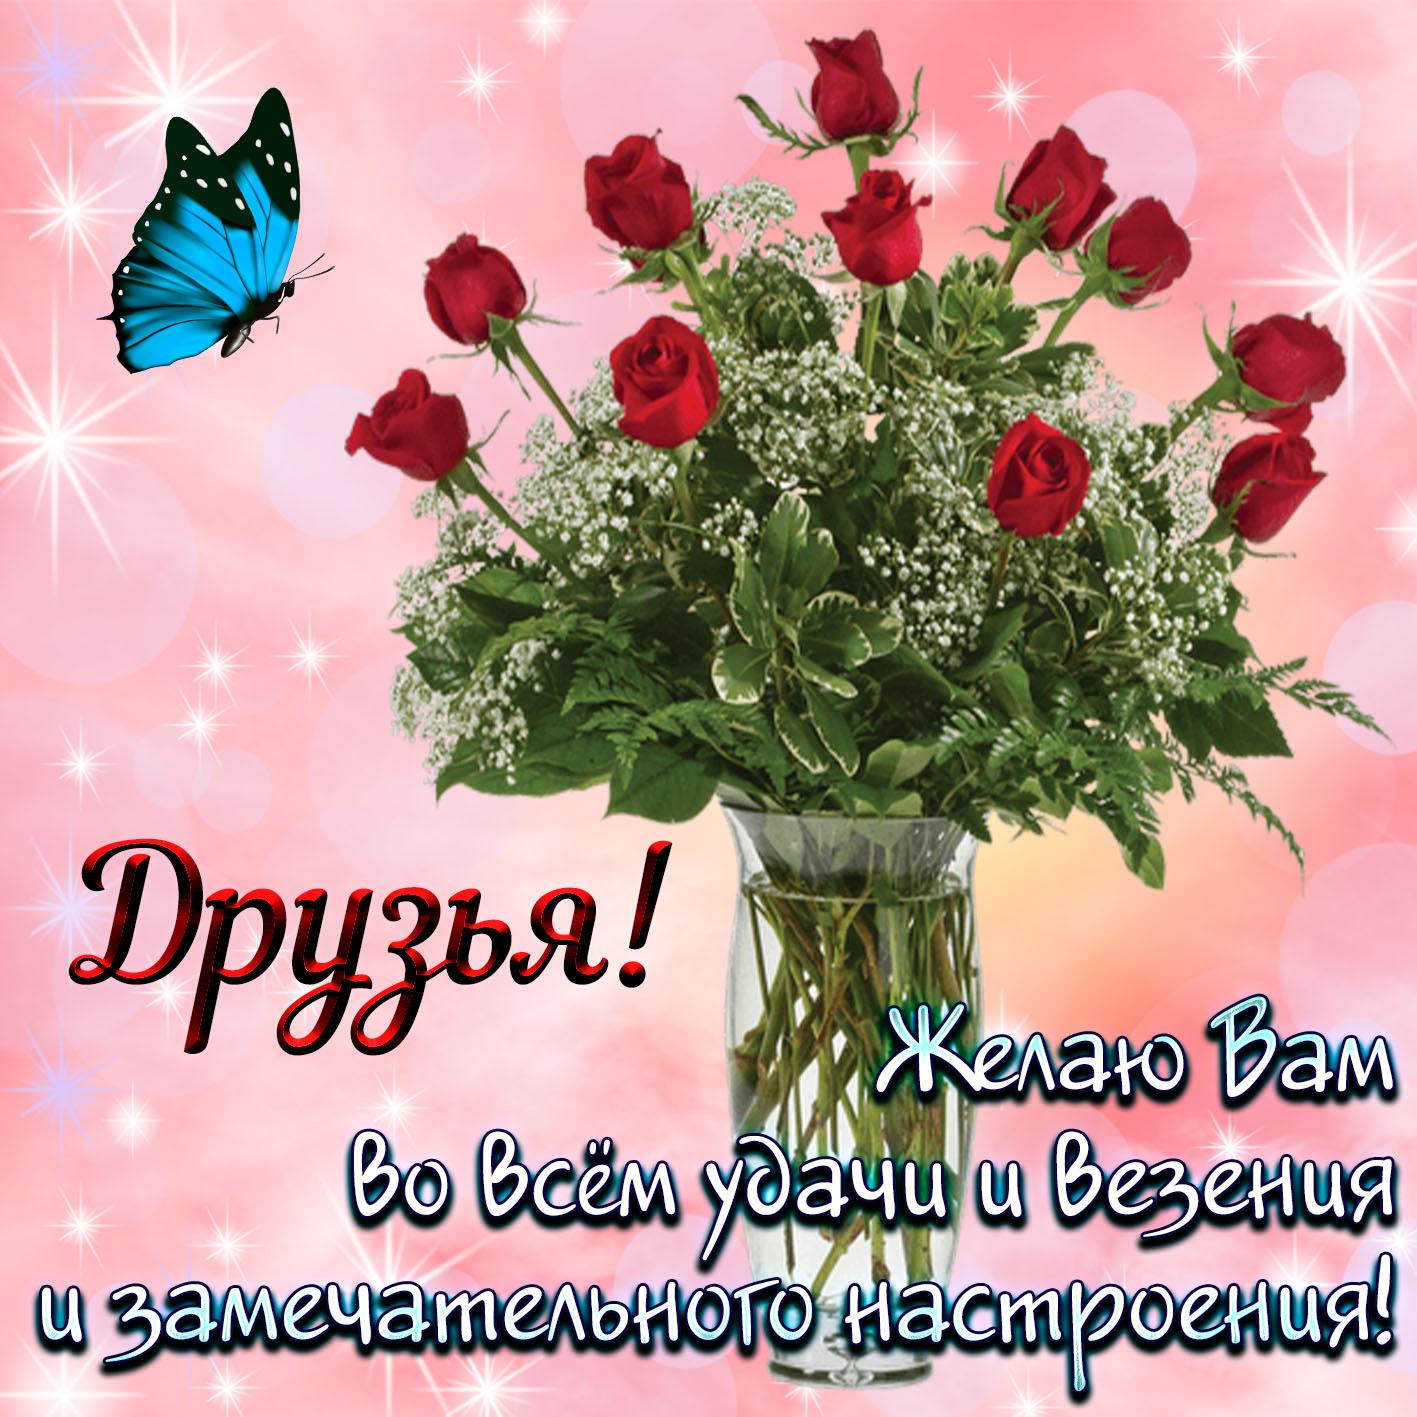 Открытка - букет роз друзьям для замечательного настроения